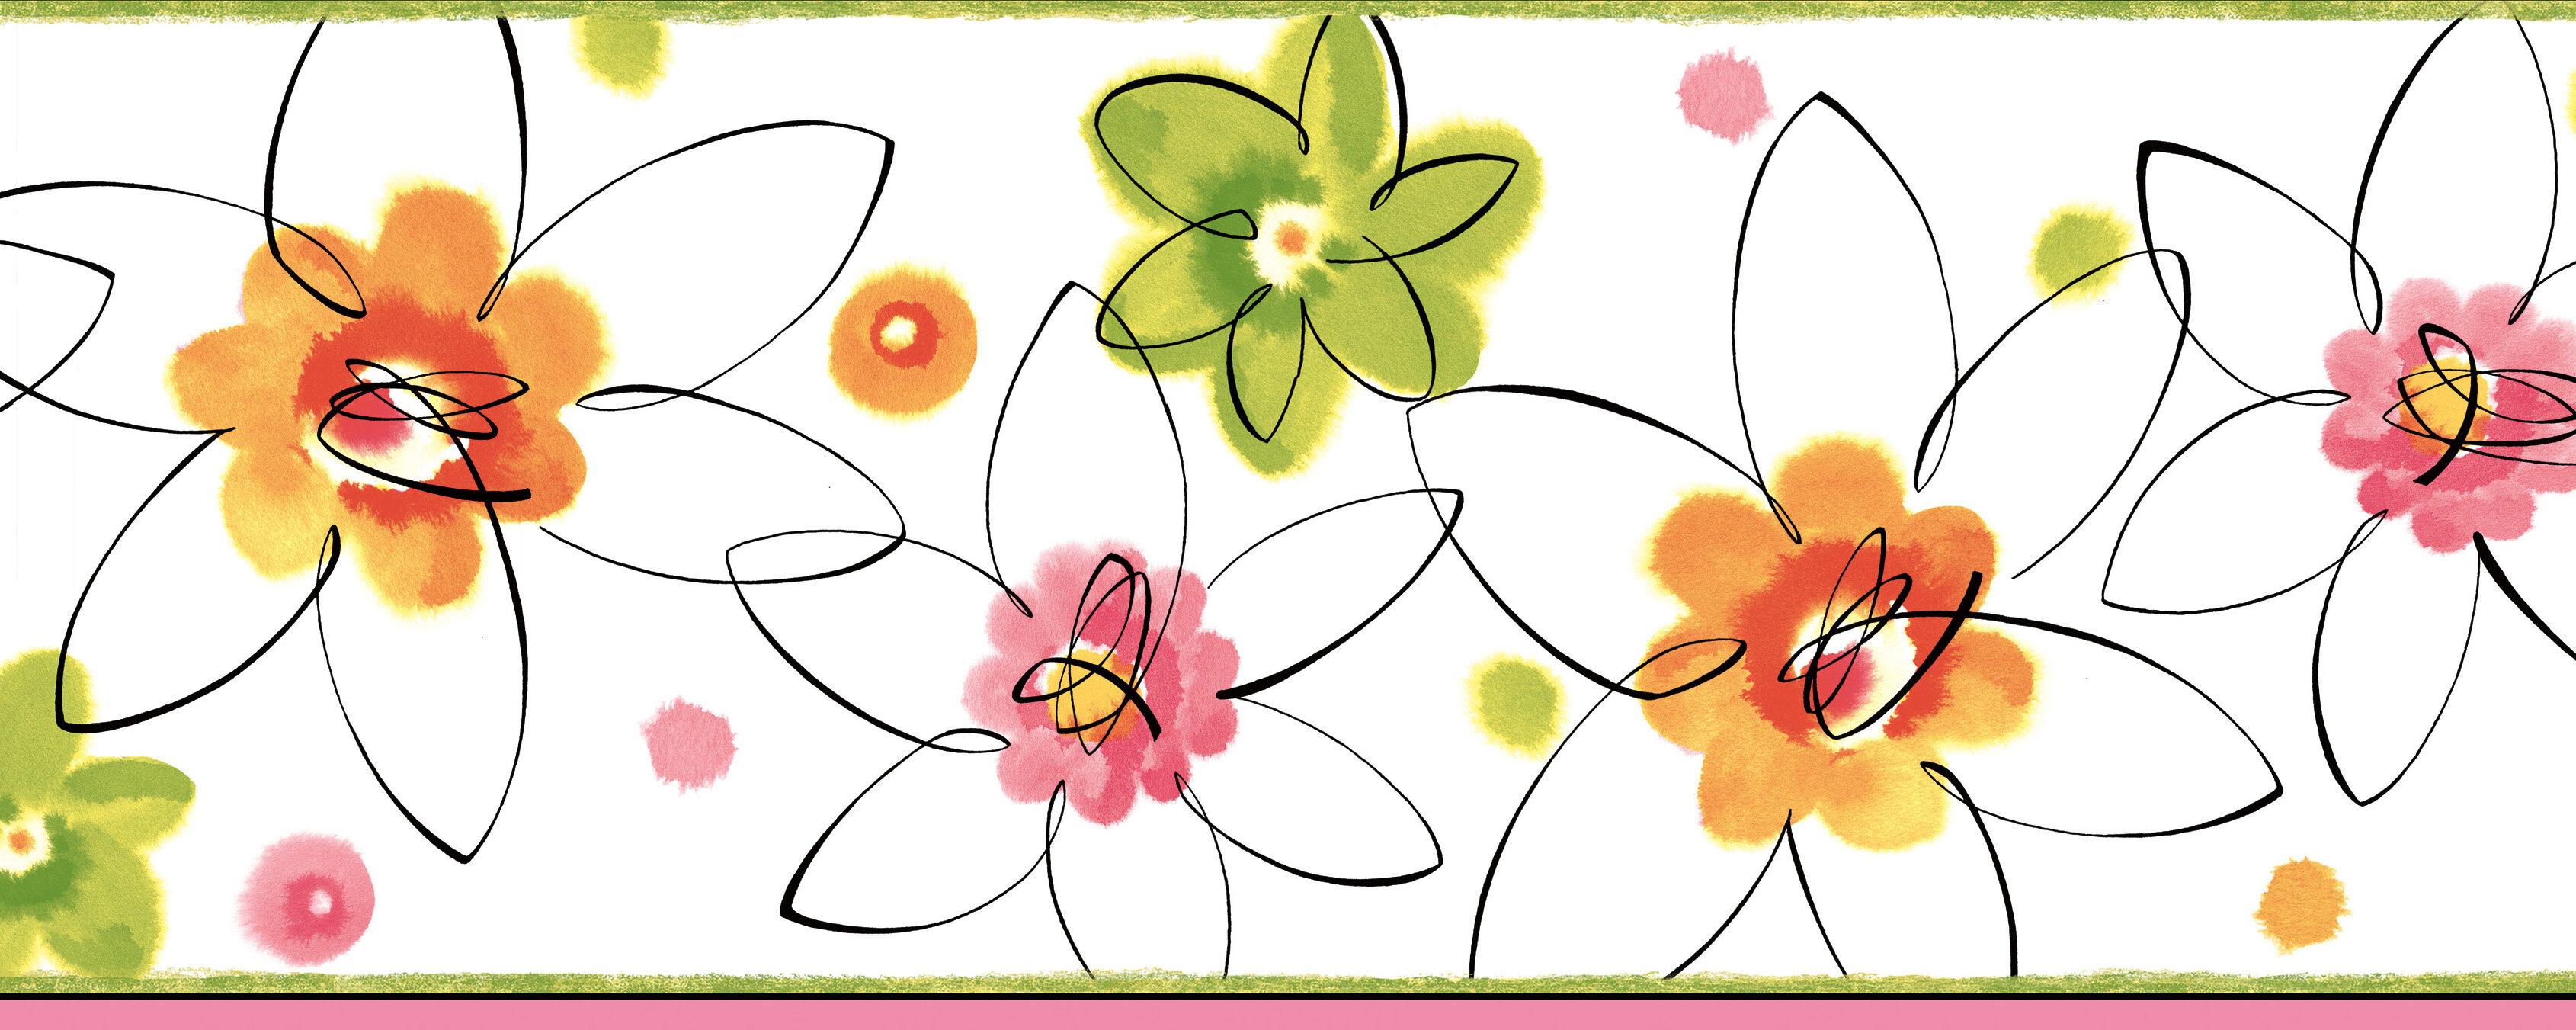 Zoomie Kids Melnick Butterbean Crazy Daisies Toss 15 X 9 Floral